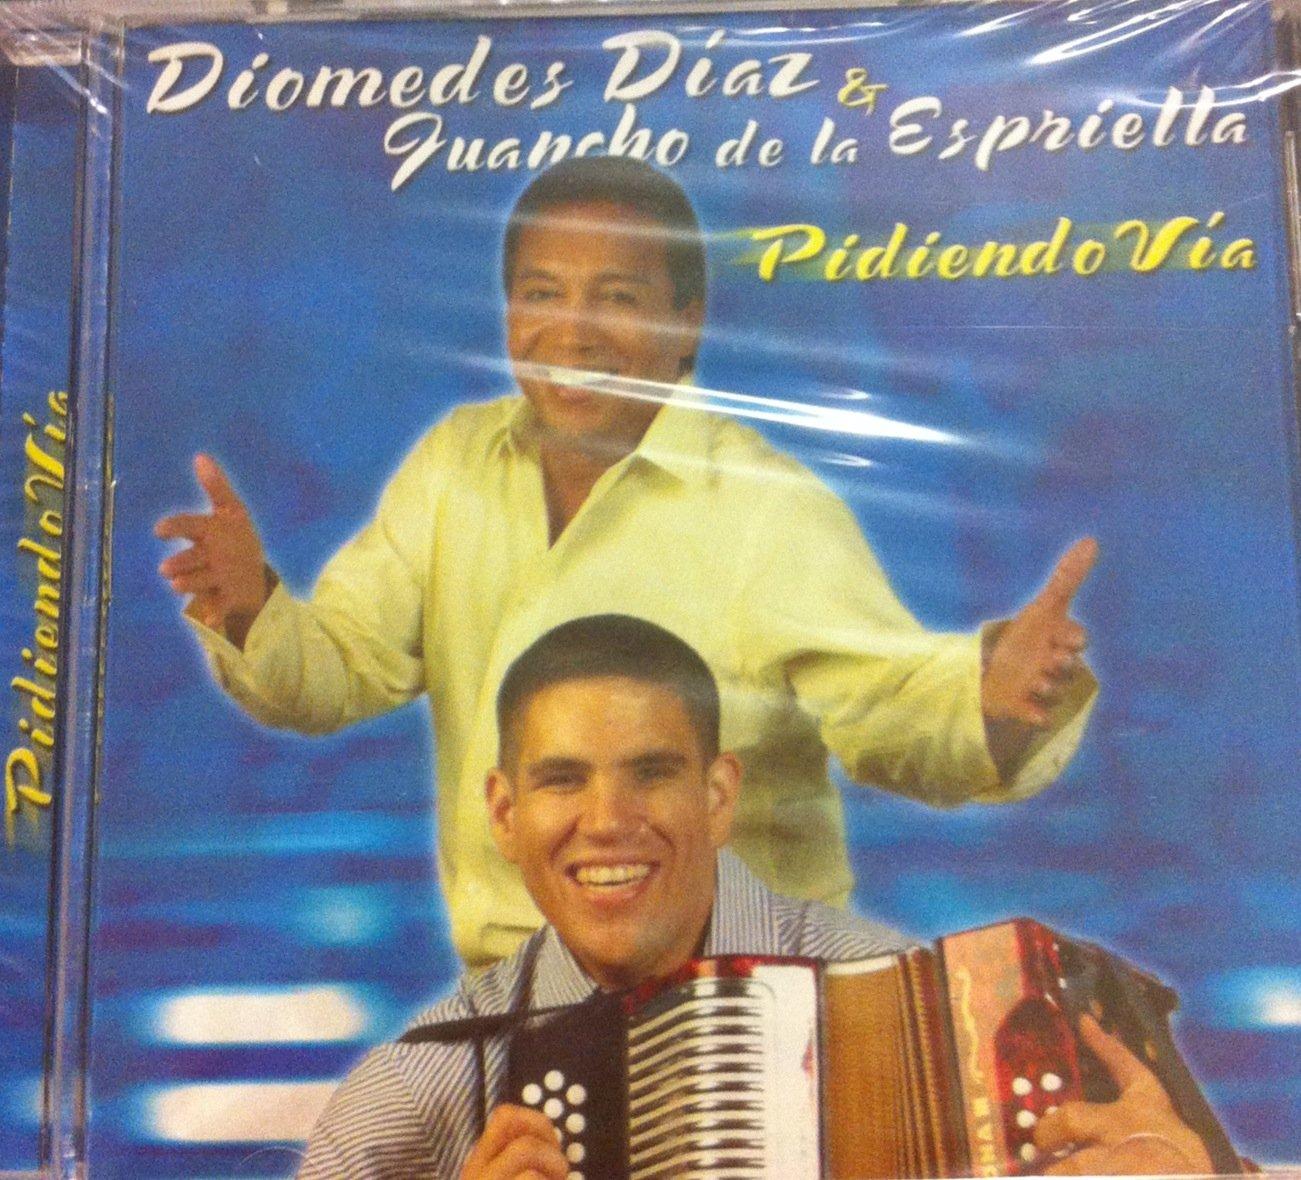 CD VALLENATO DIOMEDES DIAZ & GUANCHO DE LA ESPRIELLA PIDIENDO VIA by